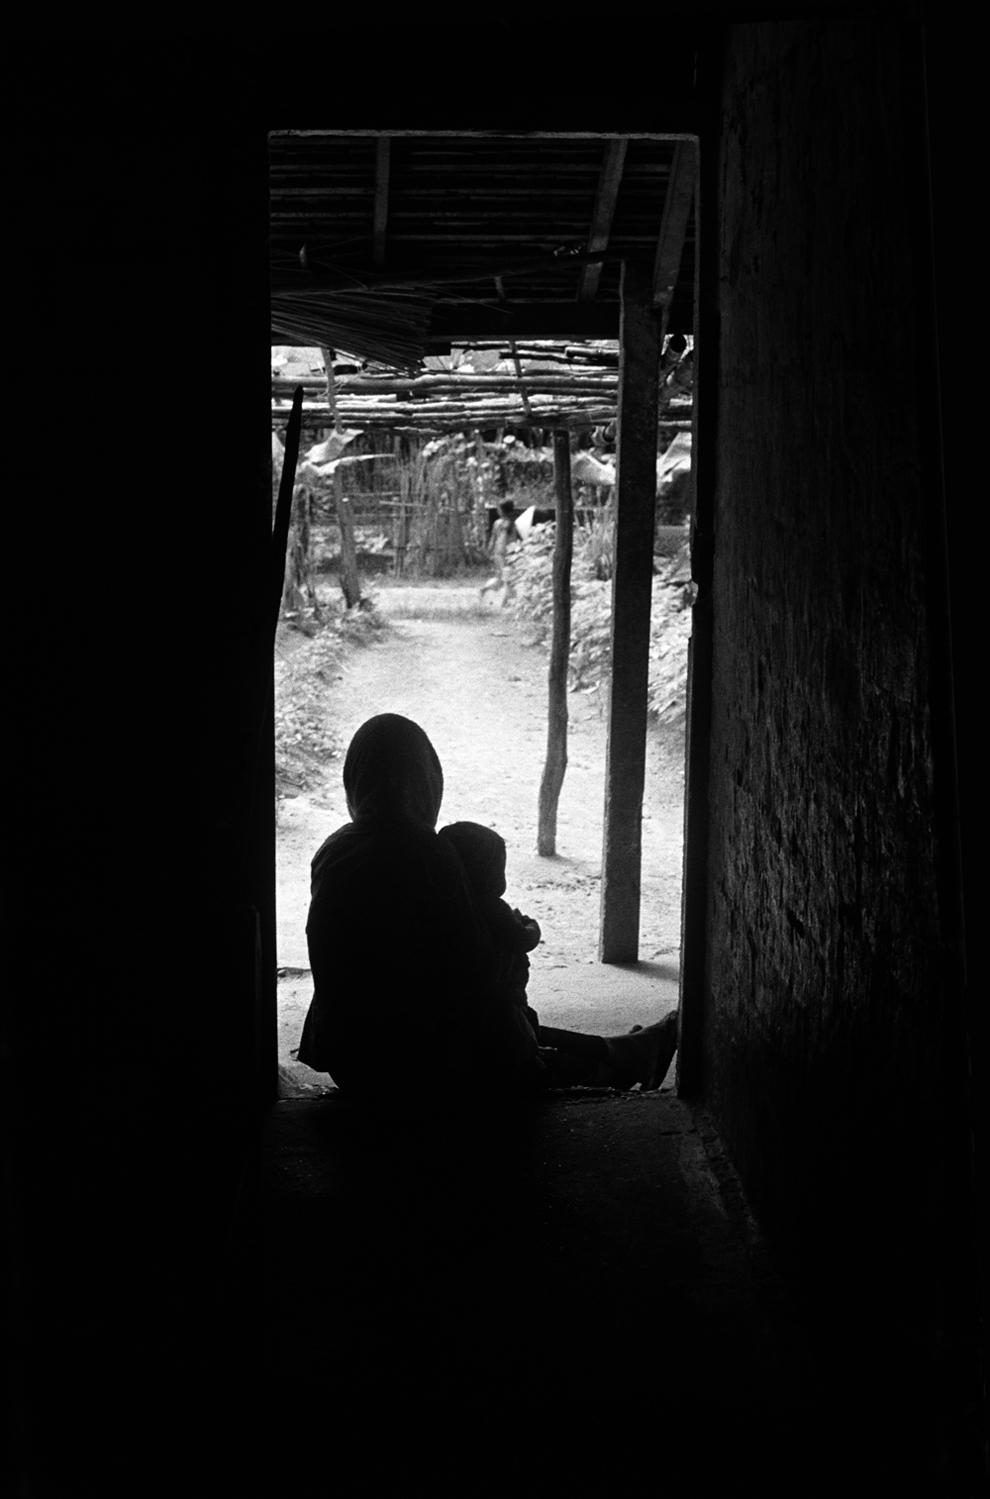 bp45 - Hình ảnh hiếm gây chấn động về cuộc chiến ở Việt Nam